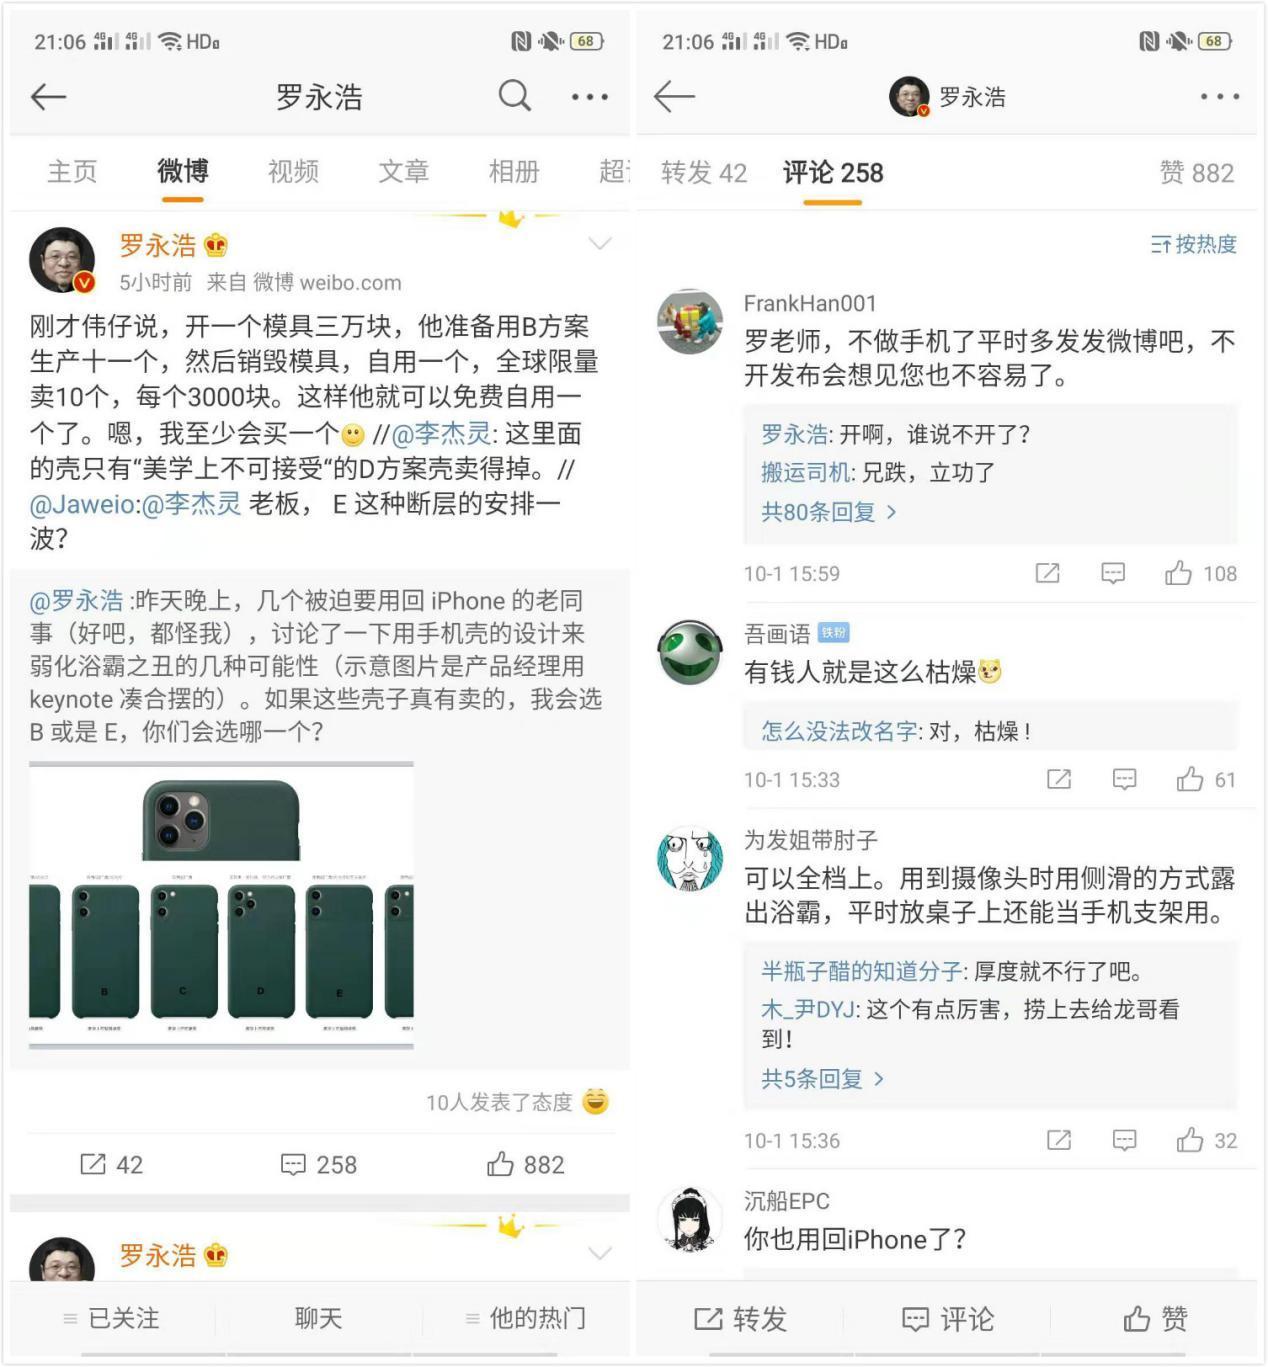 老罗发布会 2019罗永浩确定重开发布会都有哪些看点?